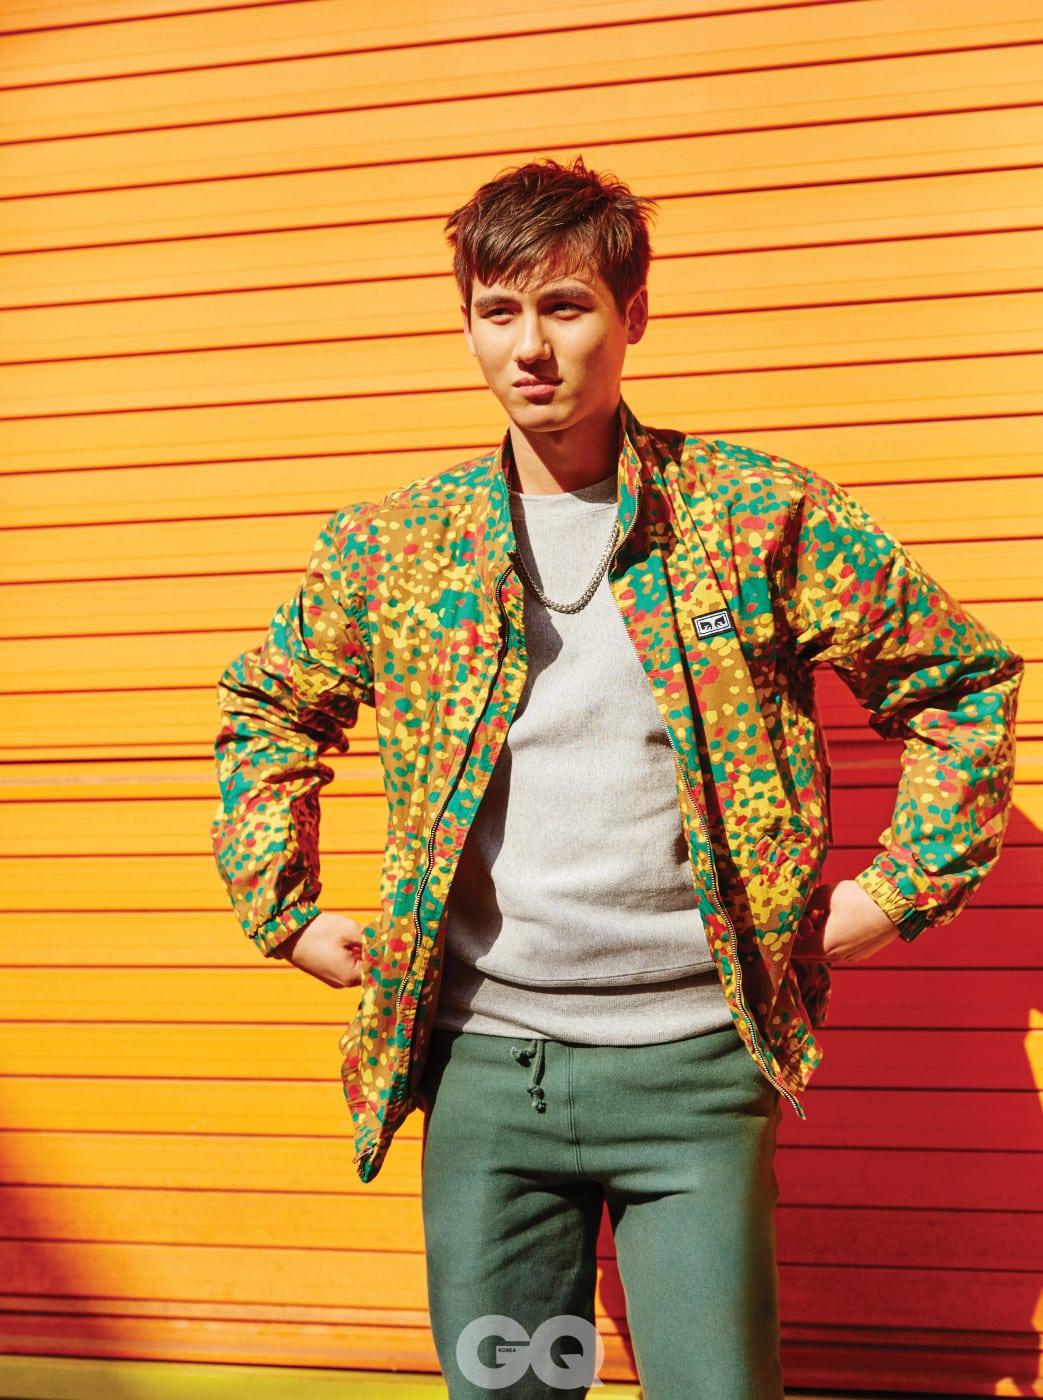 회색 스웨트 셔츠 18만8천원, 쑥색 조거 팬츠 19만8천원, 모두 챔피온. 변형한 카무플라주 패턴 면 점퍼 10만3천원, 오베이 by 배럴즈. 체인 목걸이는 에디터의 것.